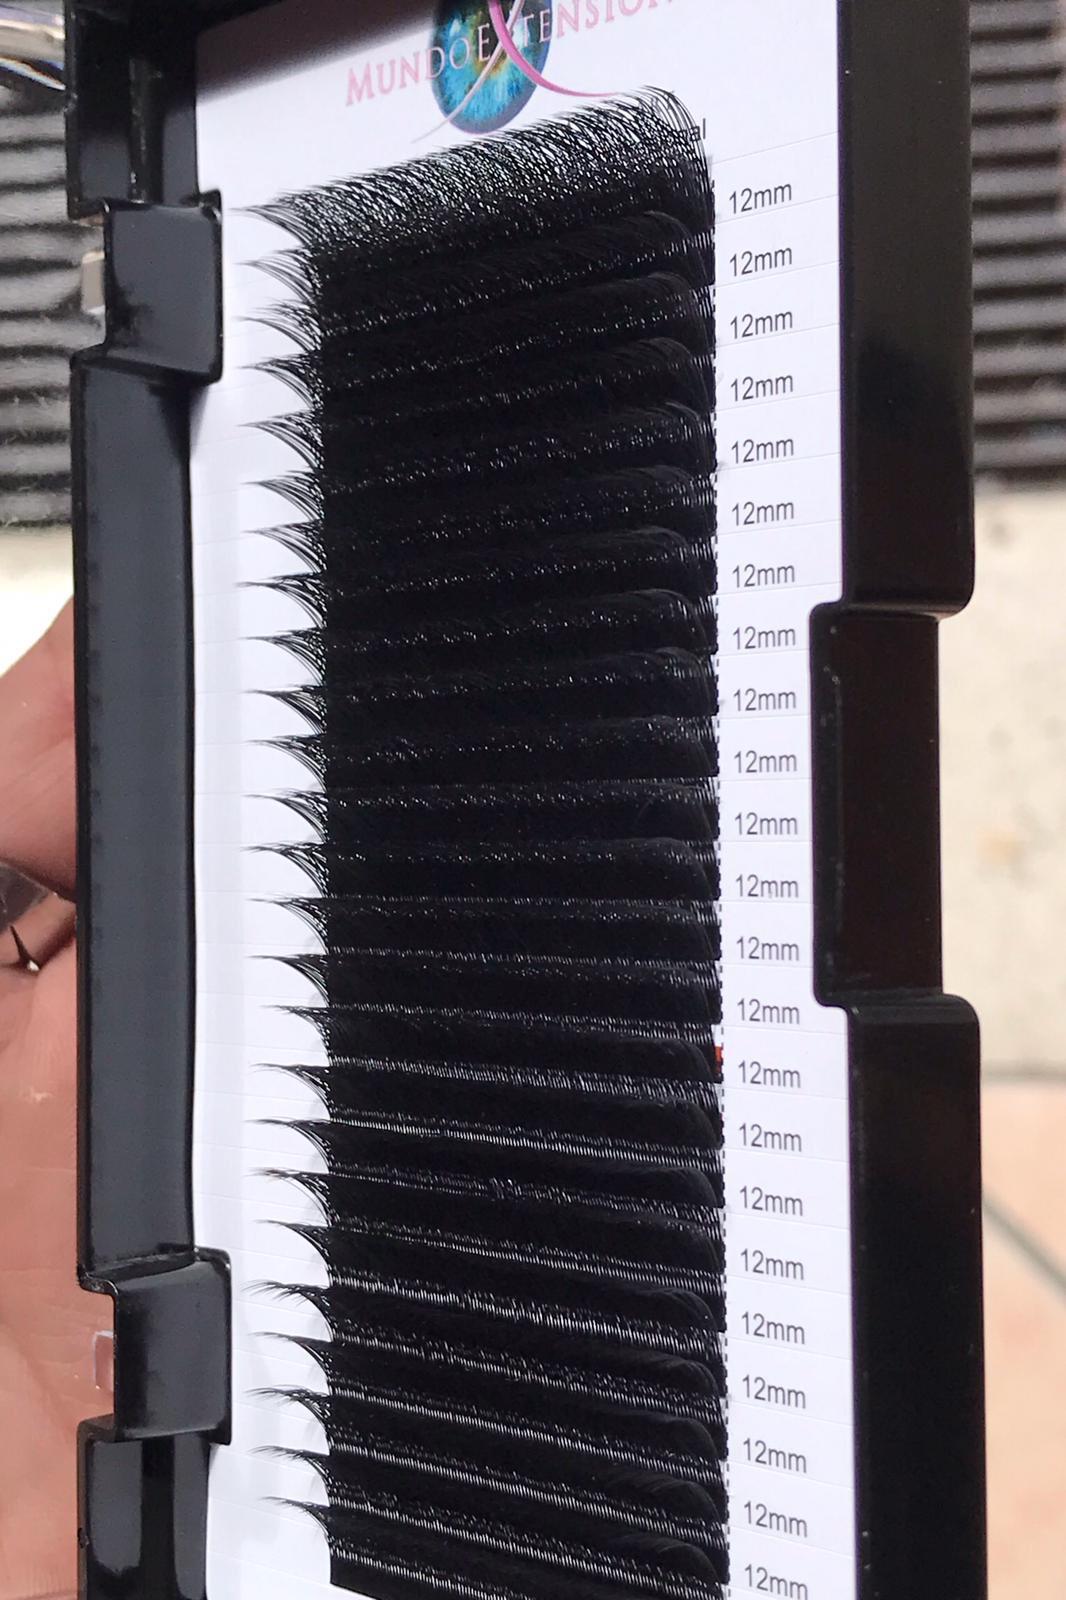 Edizione Limitata❤️❤️❤️ Ciglia con fibra super sofisticata morbide e soavi più del ciglia umane